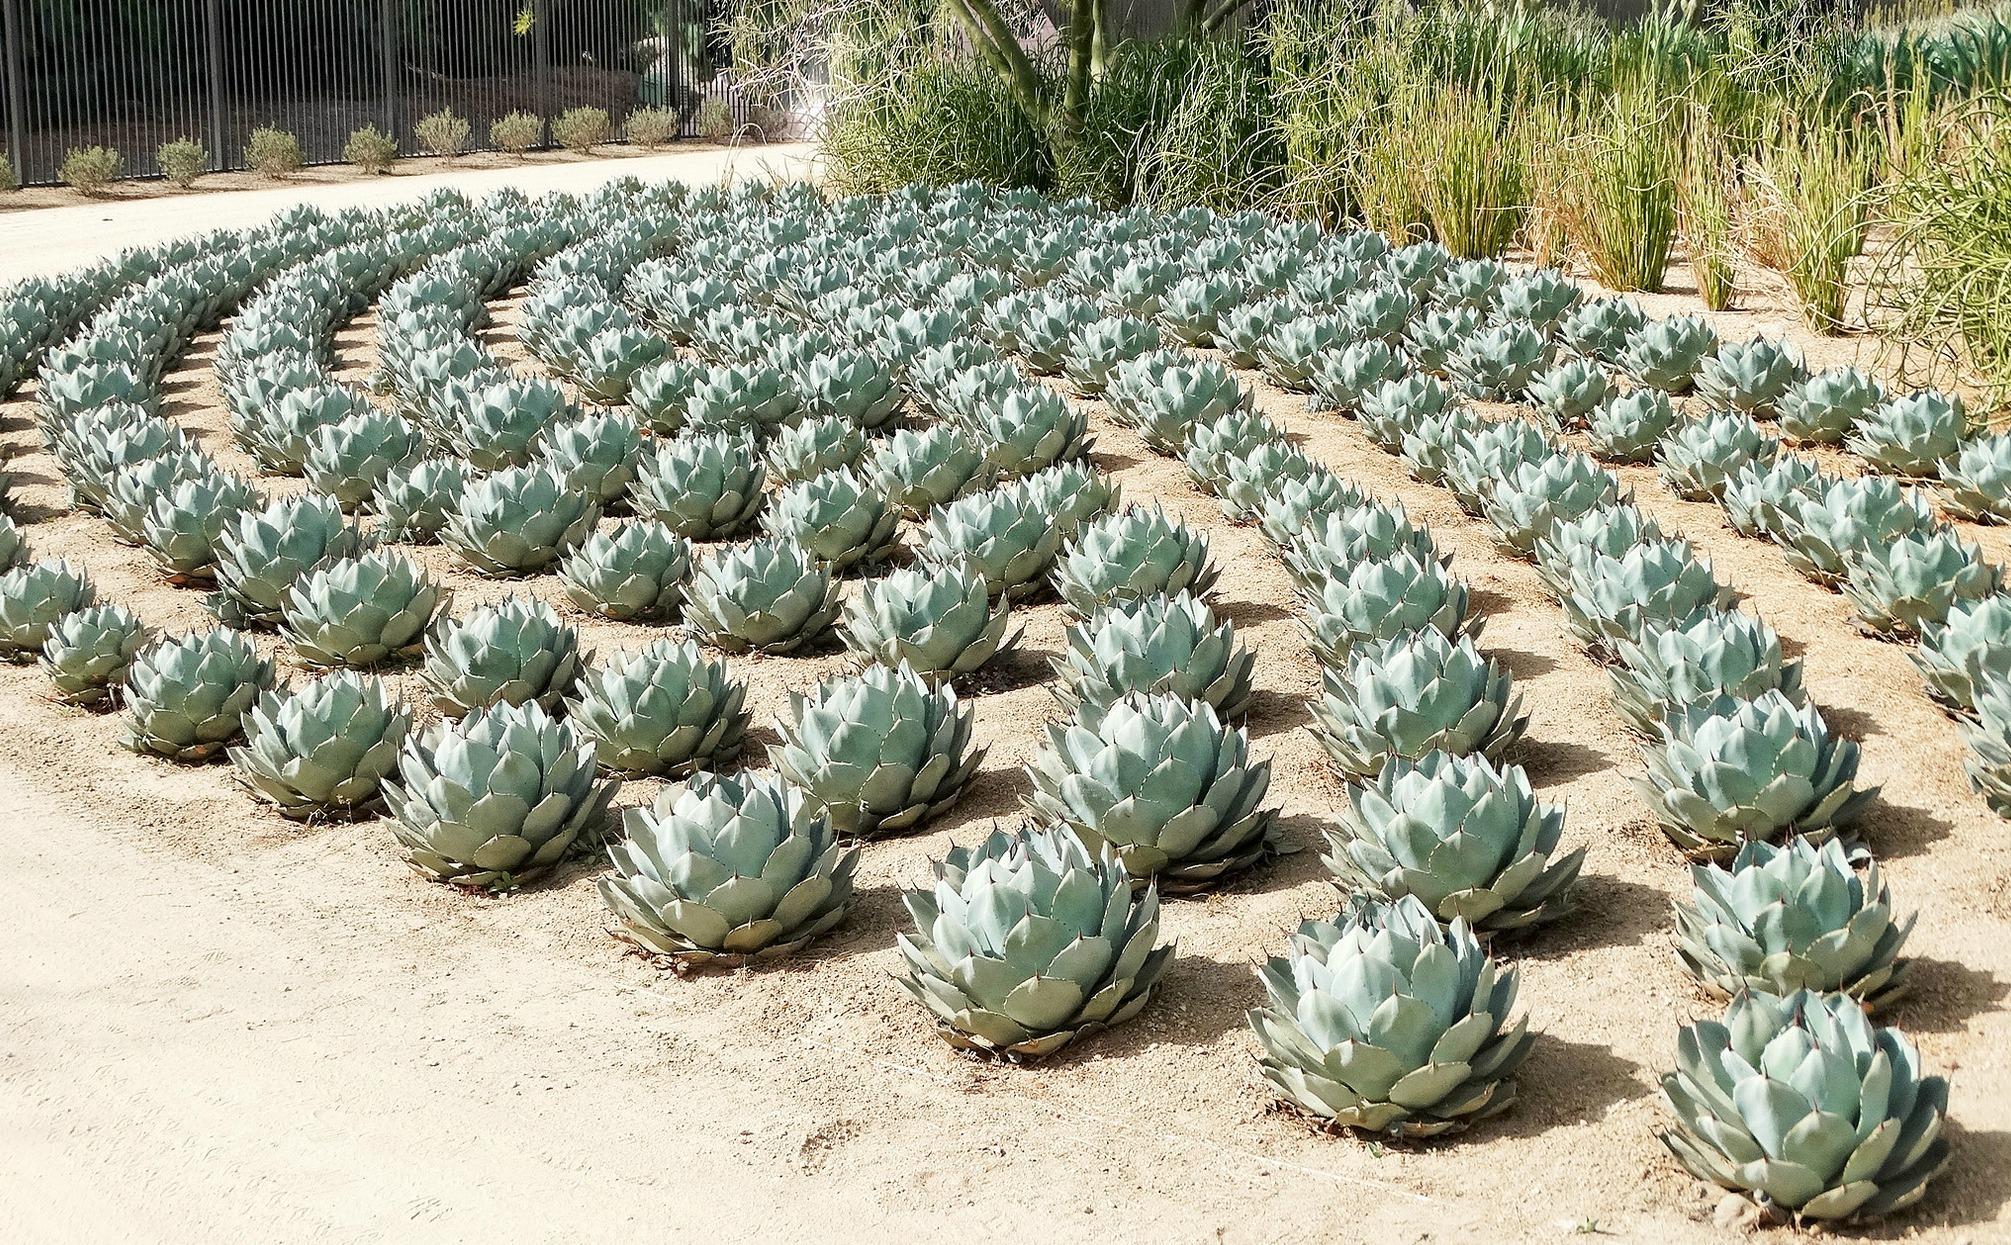 Artichoke agaves planted in a unique minimalist arrangement